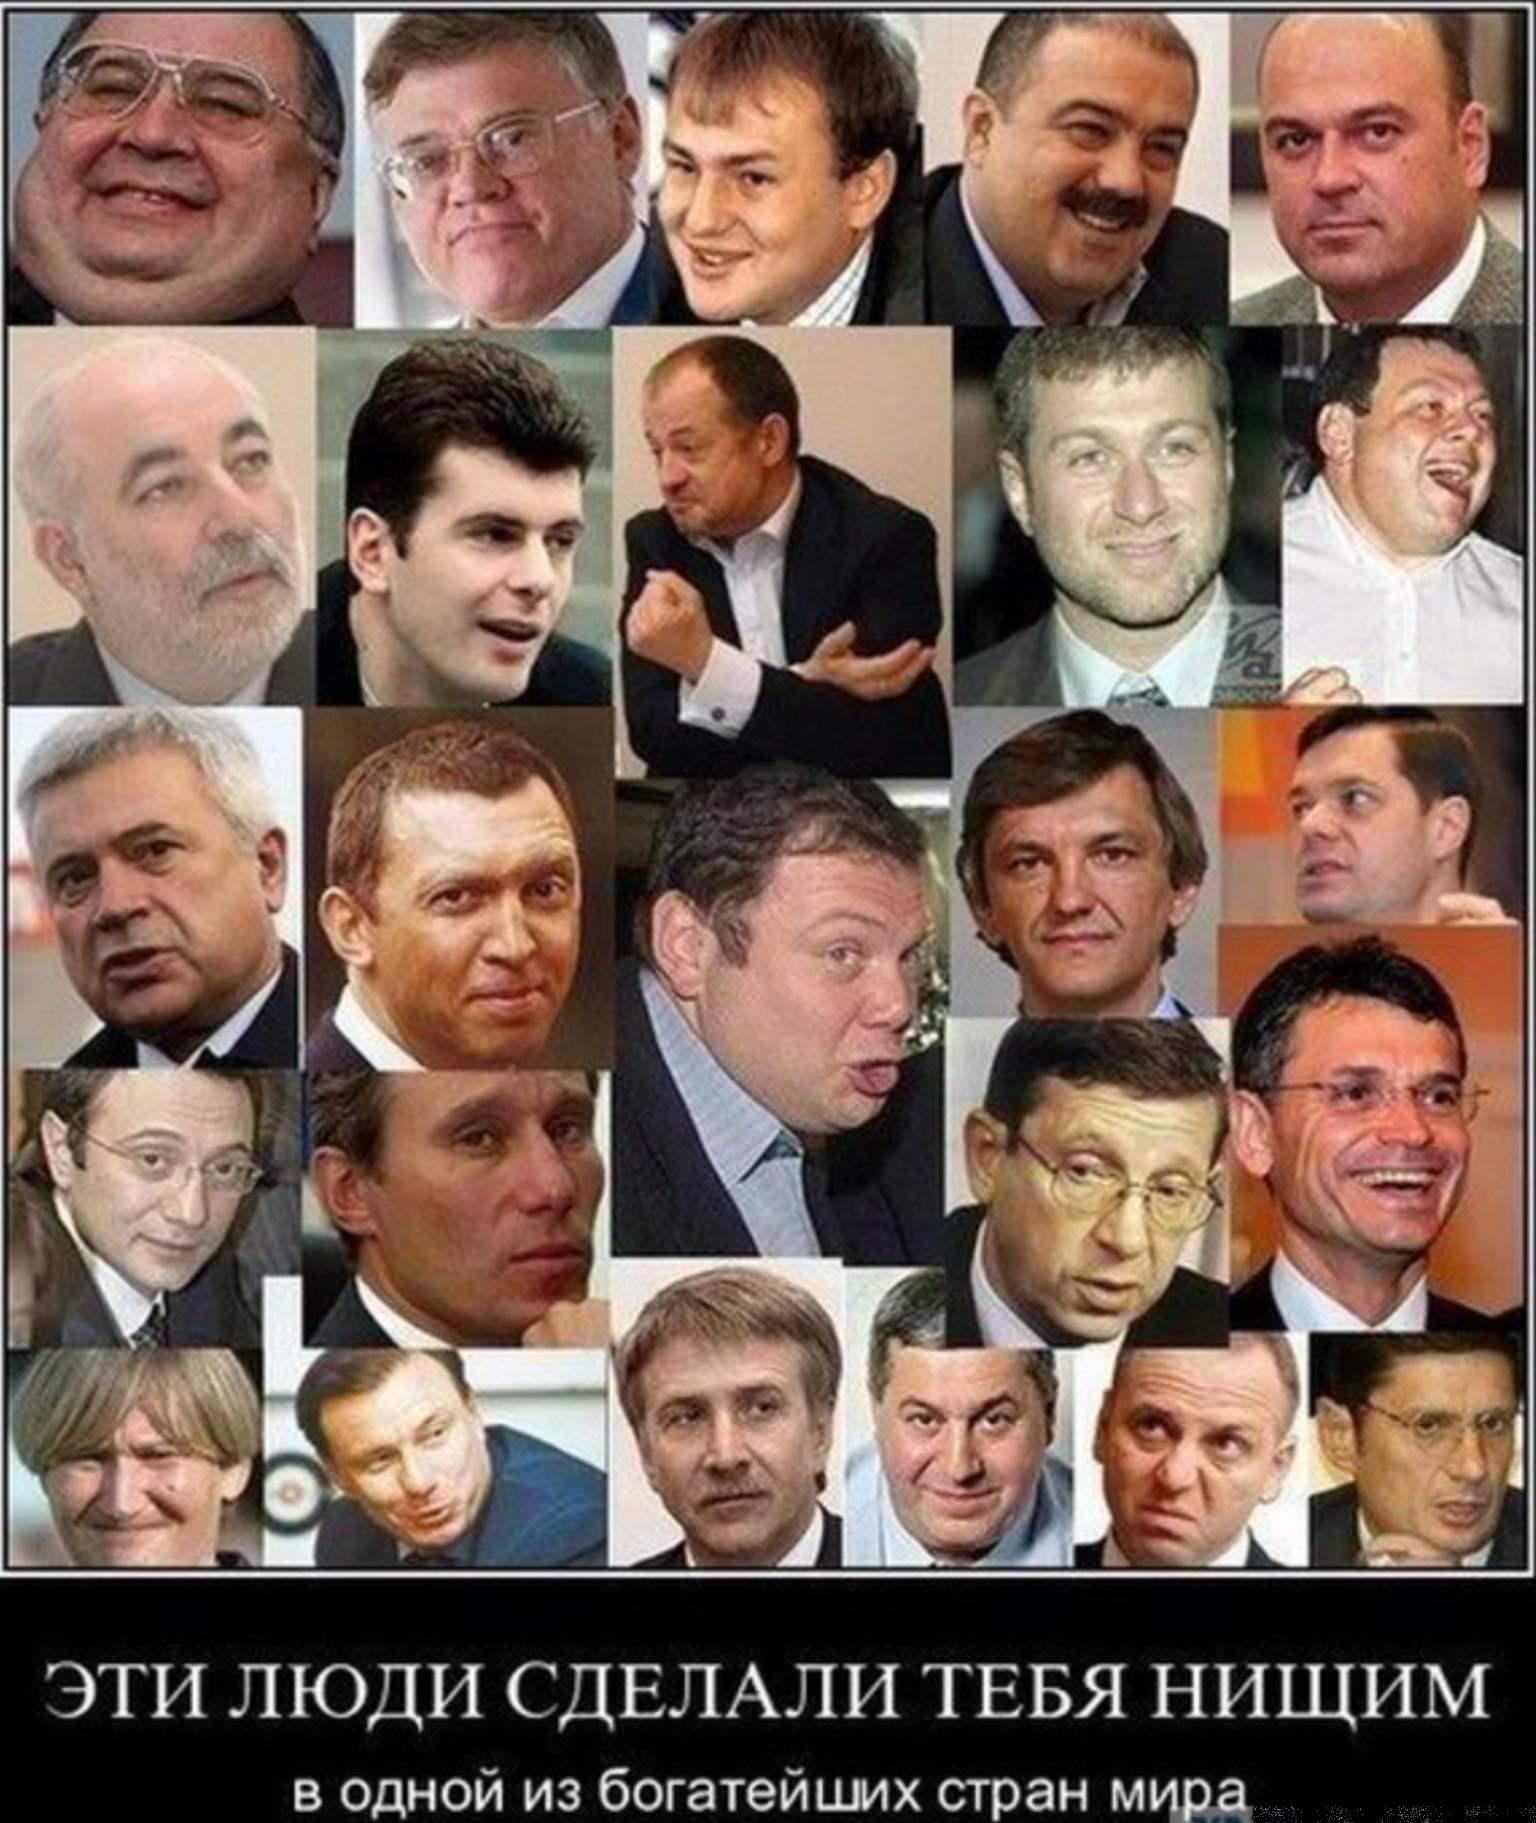 Сословие «офшорных патриотов» Ельцина и Путина вывезло на Запад средства в $5 трлн.. Теперь всё это богатство заберут себе пиндосы, им ведь надо сократить госдолг в $20 трлн.. А мы, русские, как были нищие,так и останемся, но зато опять с презом Путиным – гарантом стабильности.